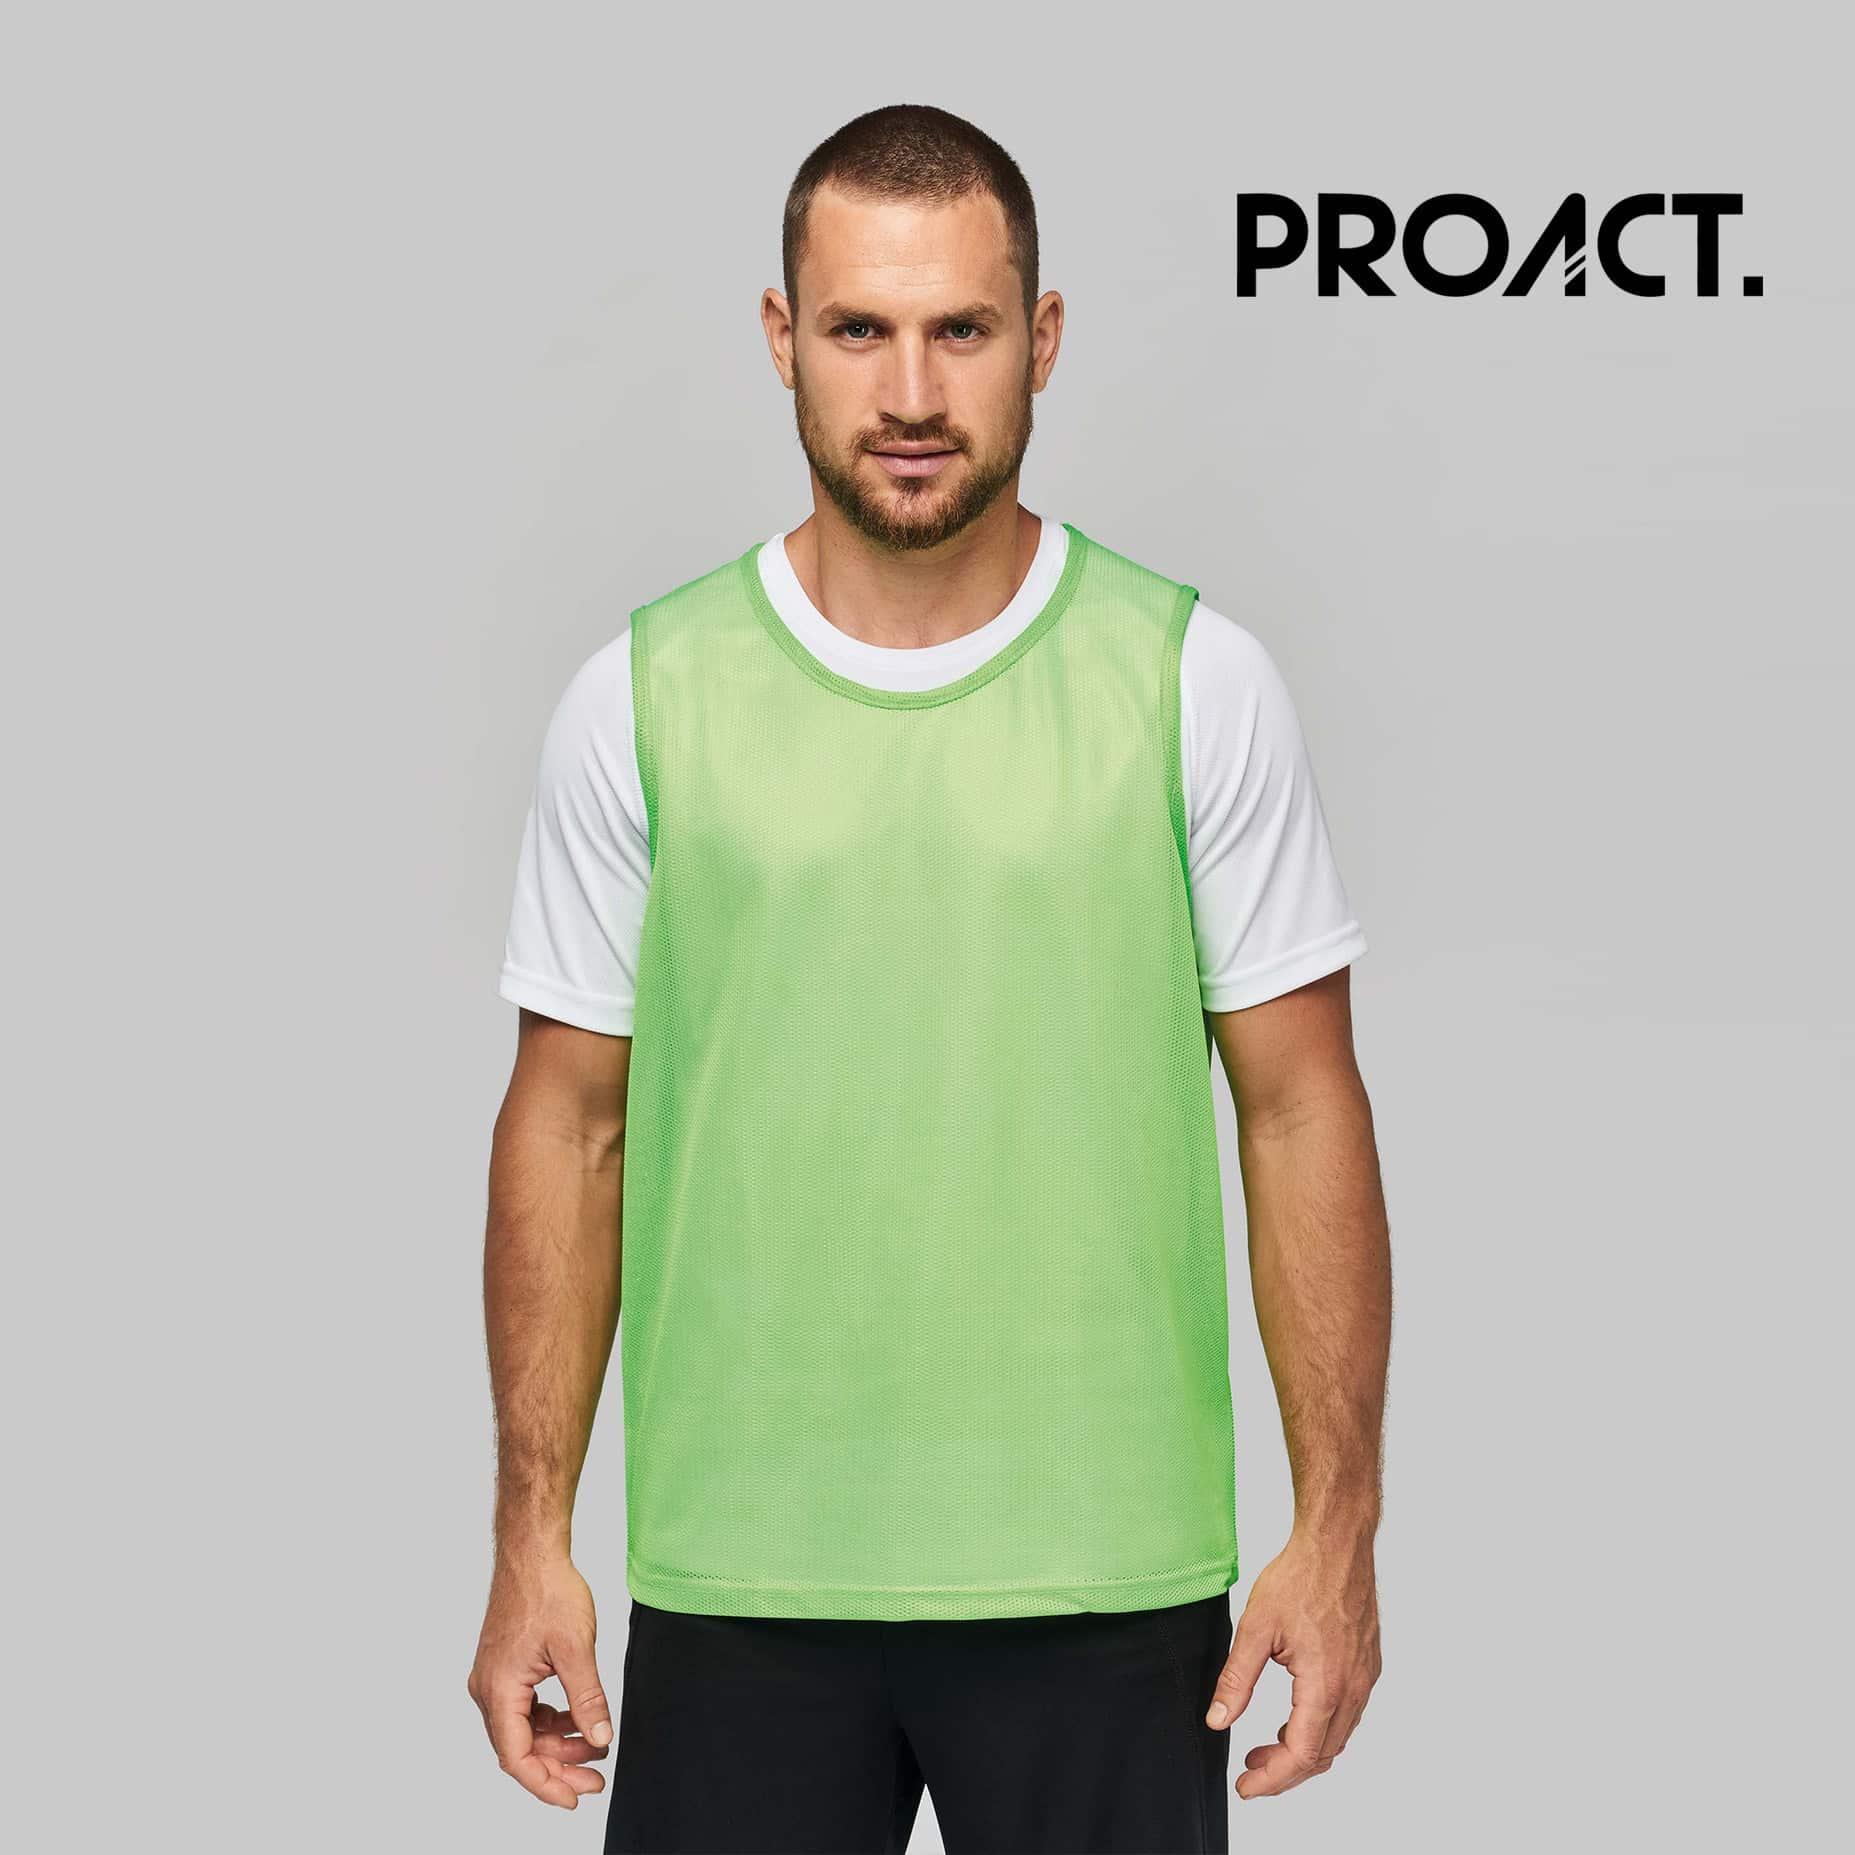 Uomo con pettorina verde 100% poliestere con rete perforata